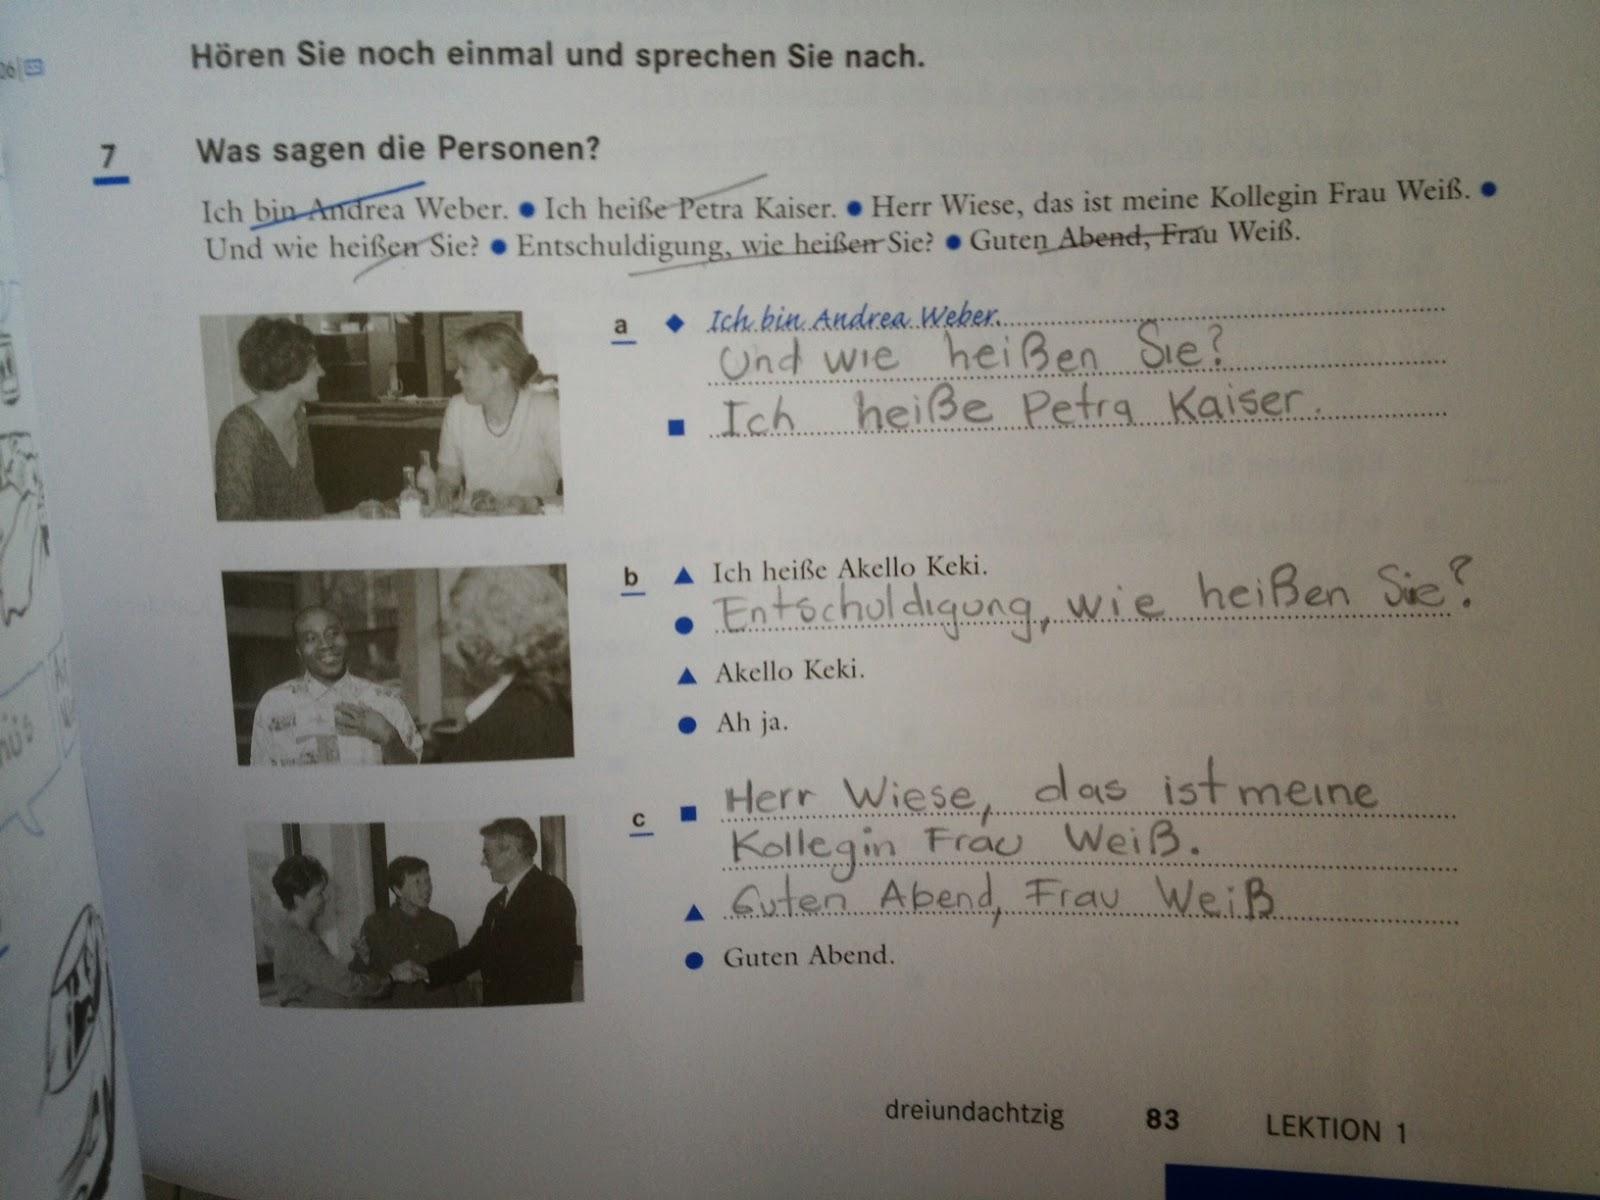 Arbeitsblatt 1 | Einführung in Deutsch (Introducción en alemán)